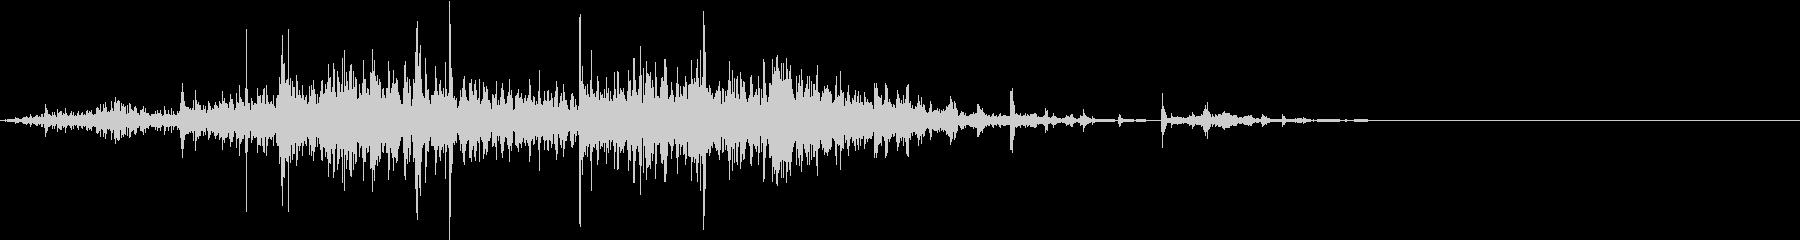 【生録音】 ビニール袋のノイズ ゴミ箱音の未再生の波形